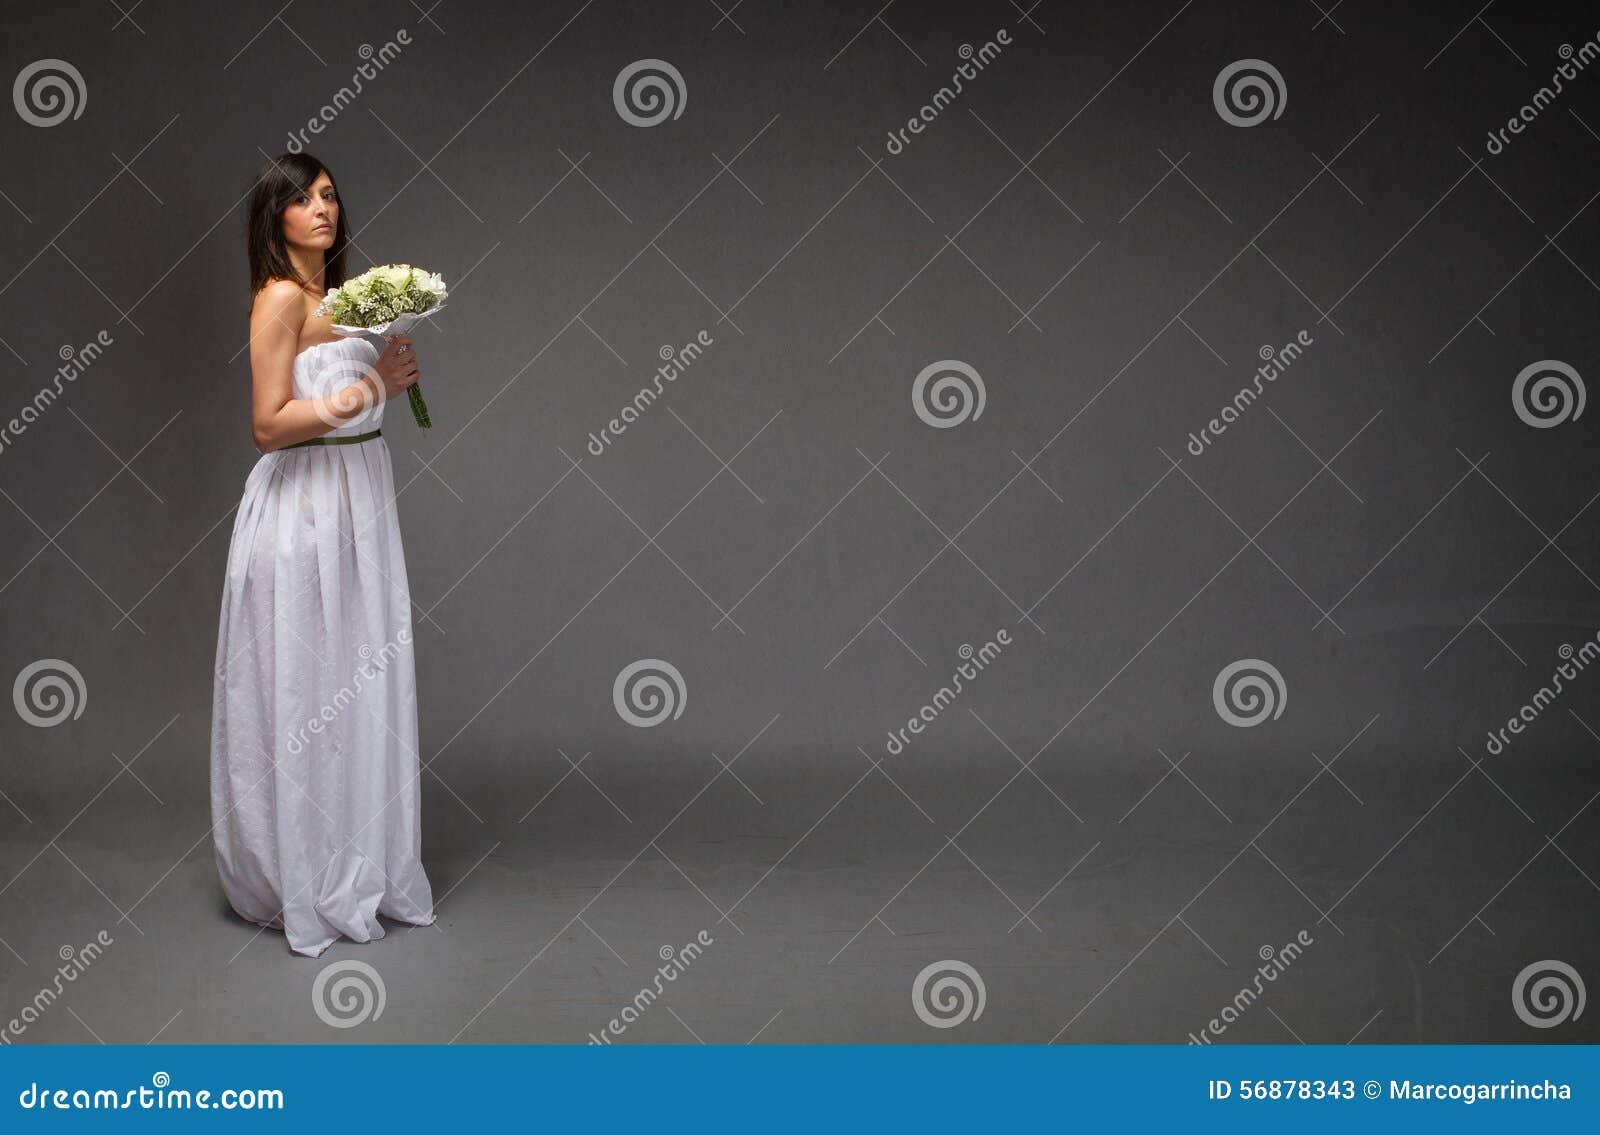 Posición del lateral de la novia